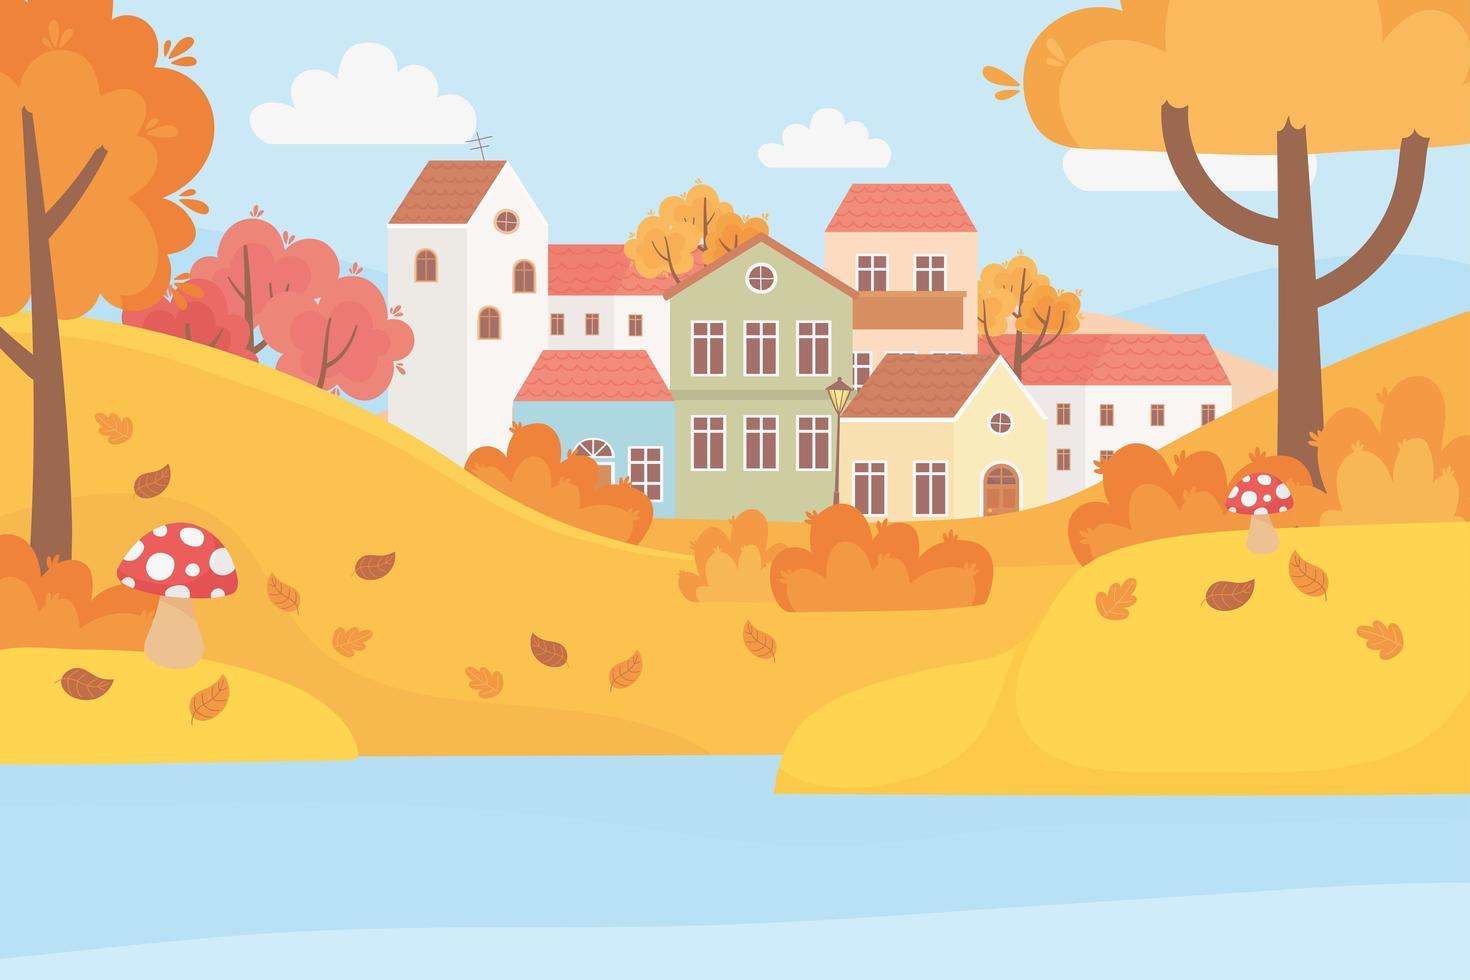 landskap på hösten. byhus, träd och löv vektor